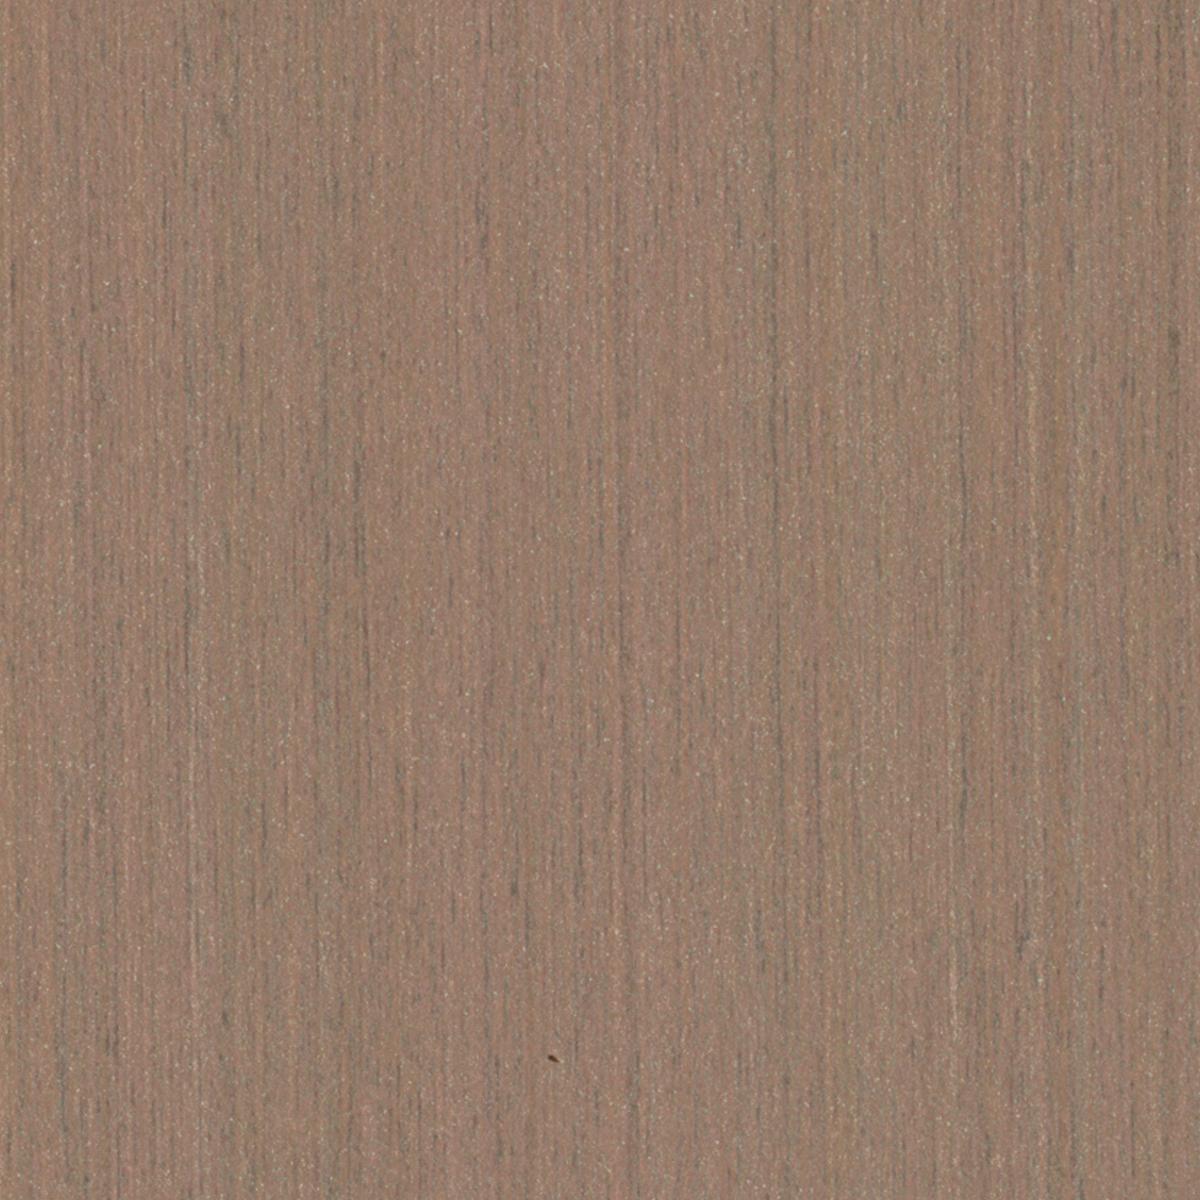 6926 Smoky Walnut Woodline - Formica